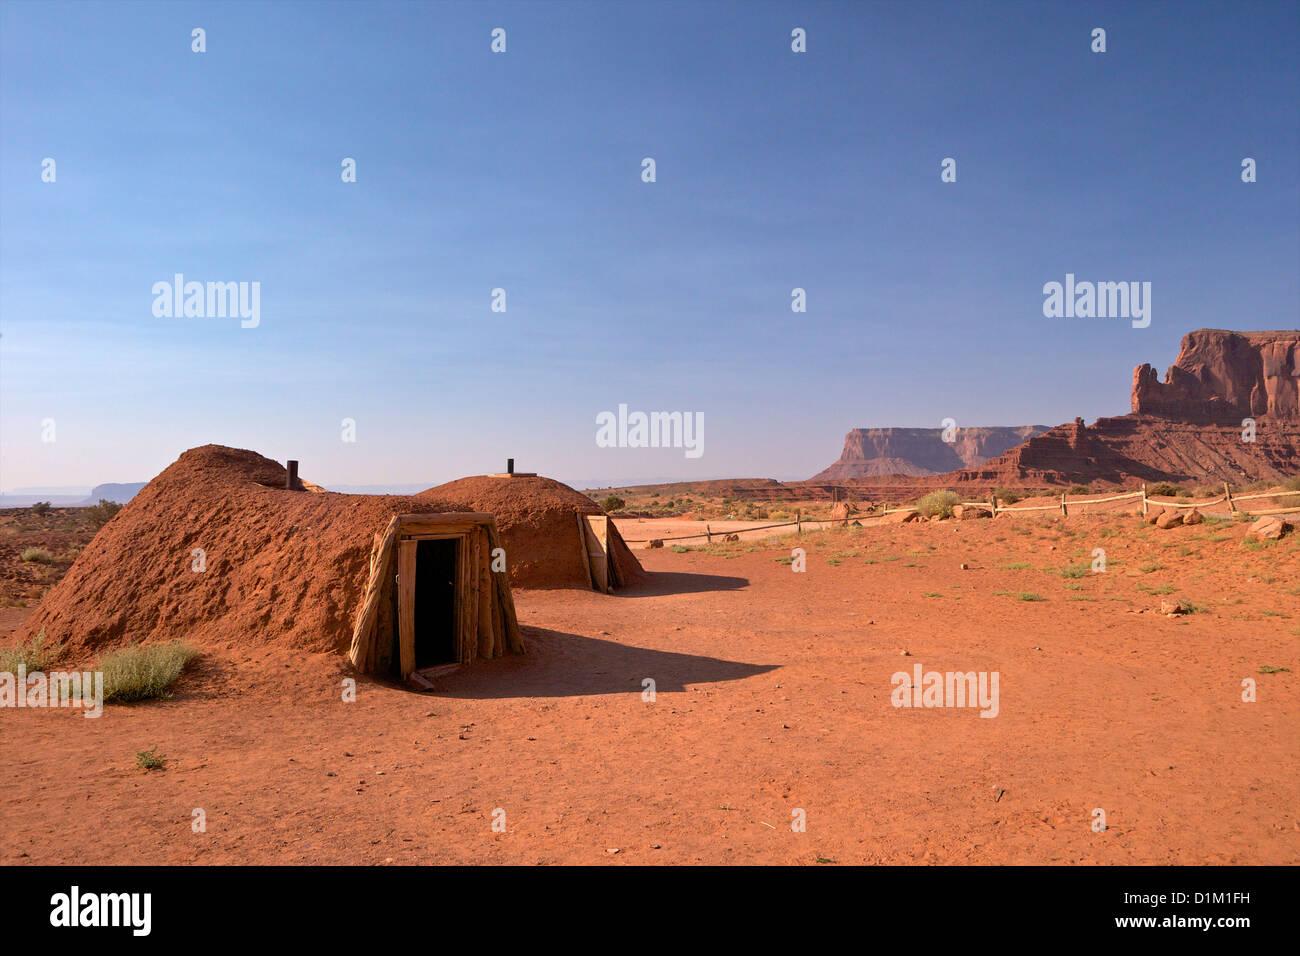 Navajo Hogans, traditionelle Behausung und zeremonielle Struktur, Monument Valley Navajo Tribal Park, Utah, USA Stockbild